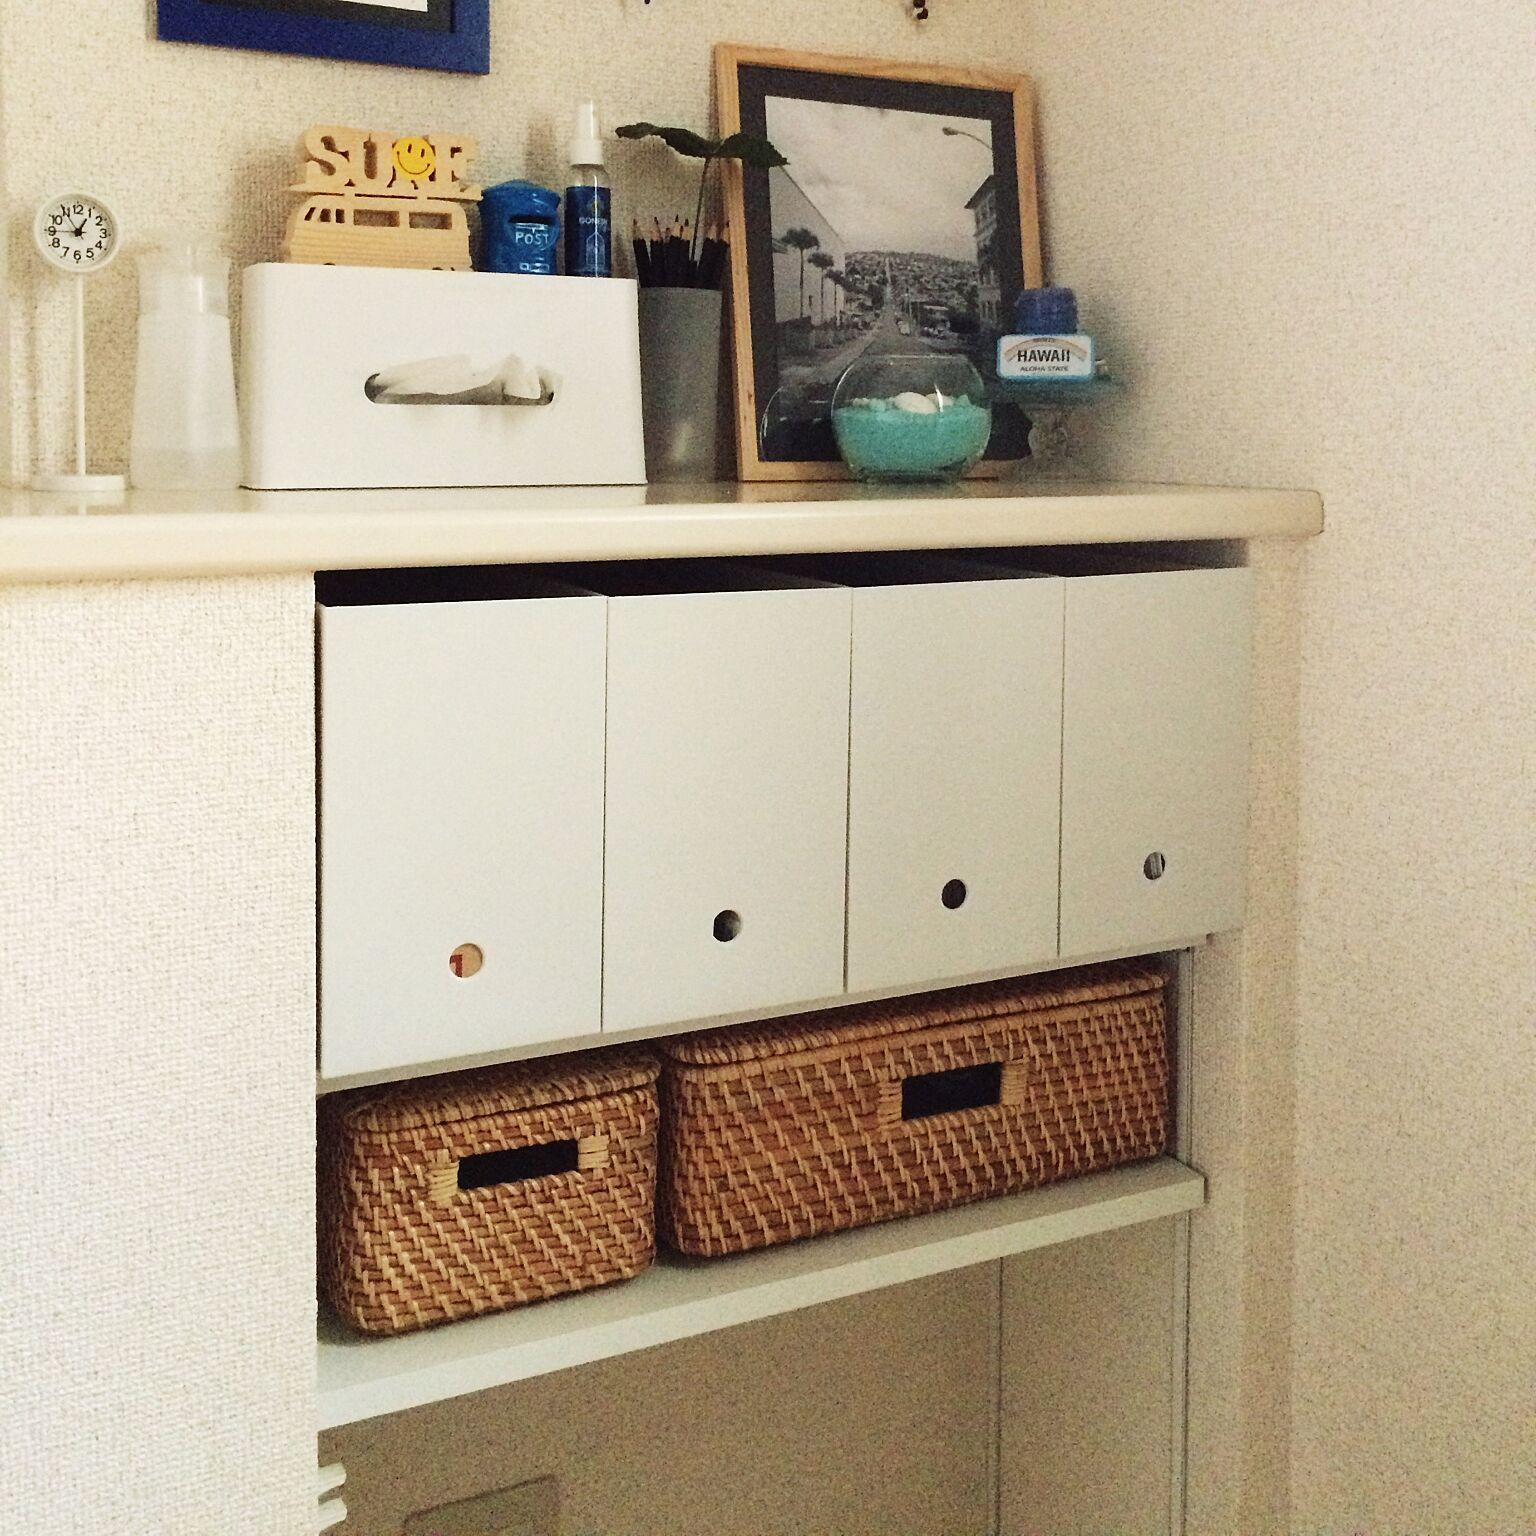 「シンプルライフを支える、掃除も管理もしやすい収納」 by chir00mさん